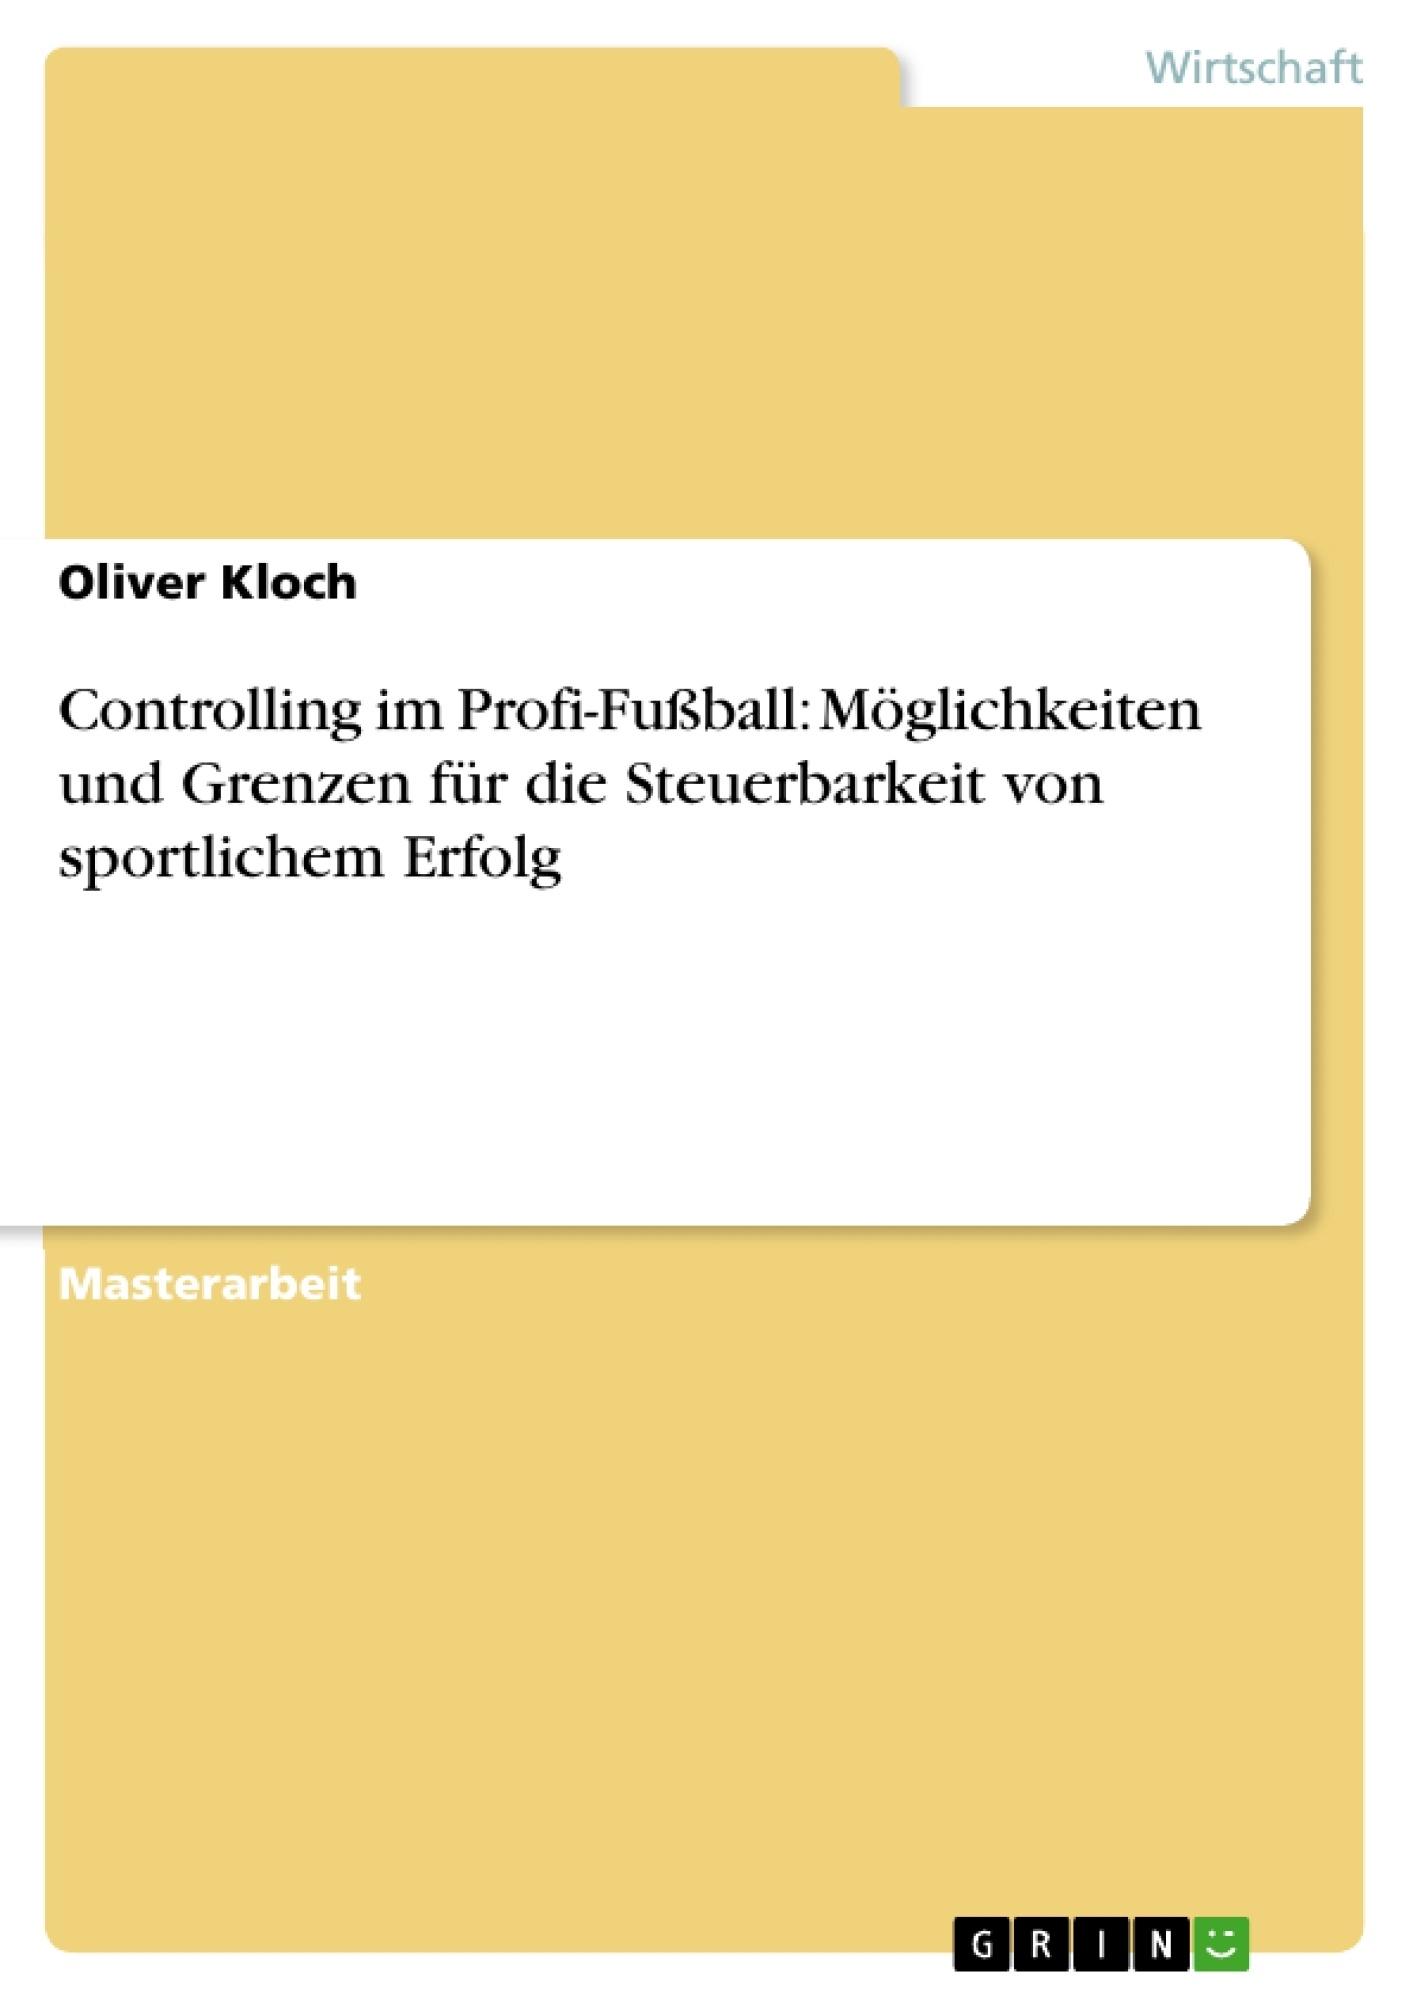 Titel: Controlling im Profi-Fußball: Möglichkeiten und Grenzen für die Steuerbarkeit von sportlichem Erfolg